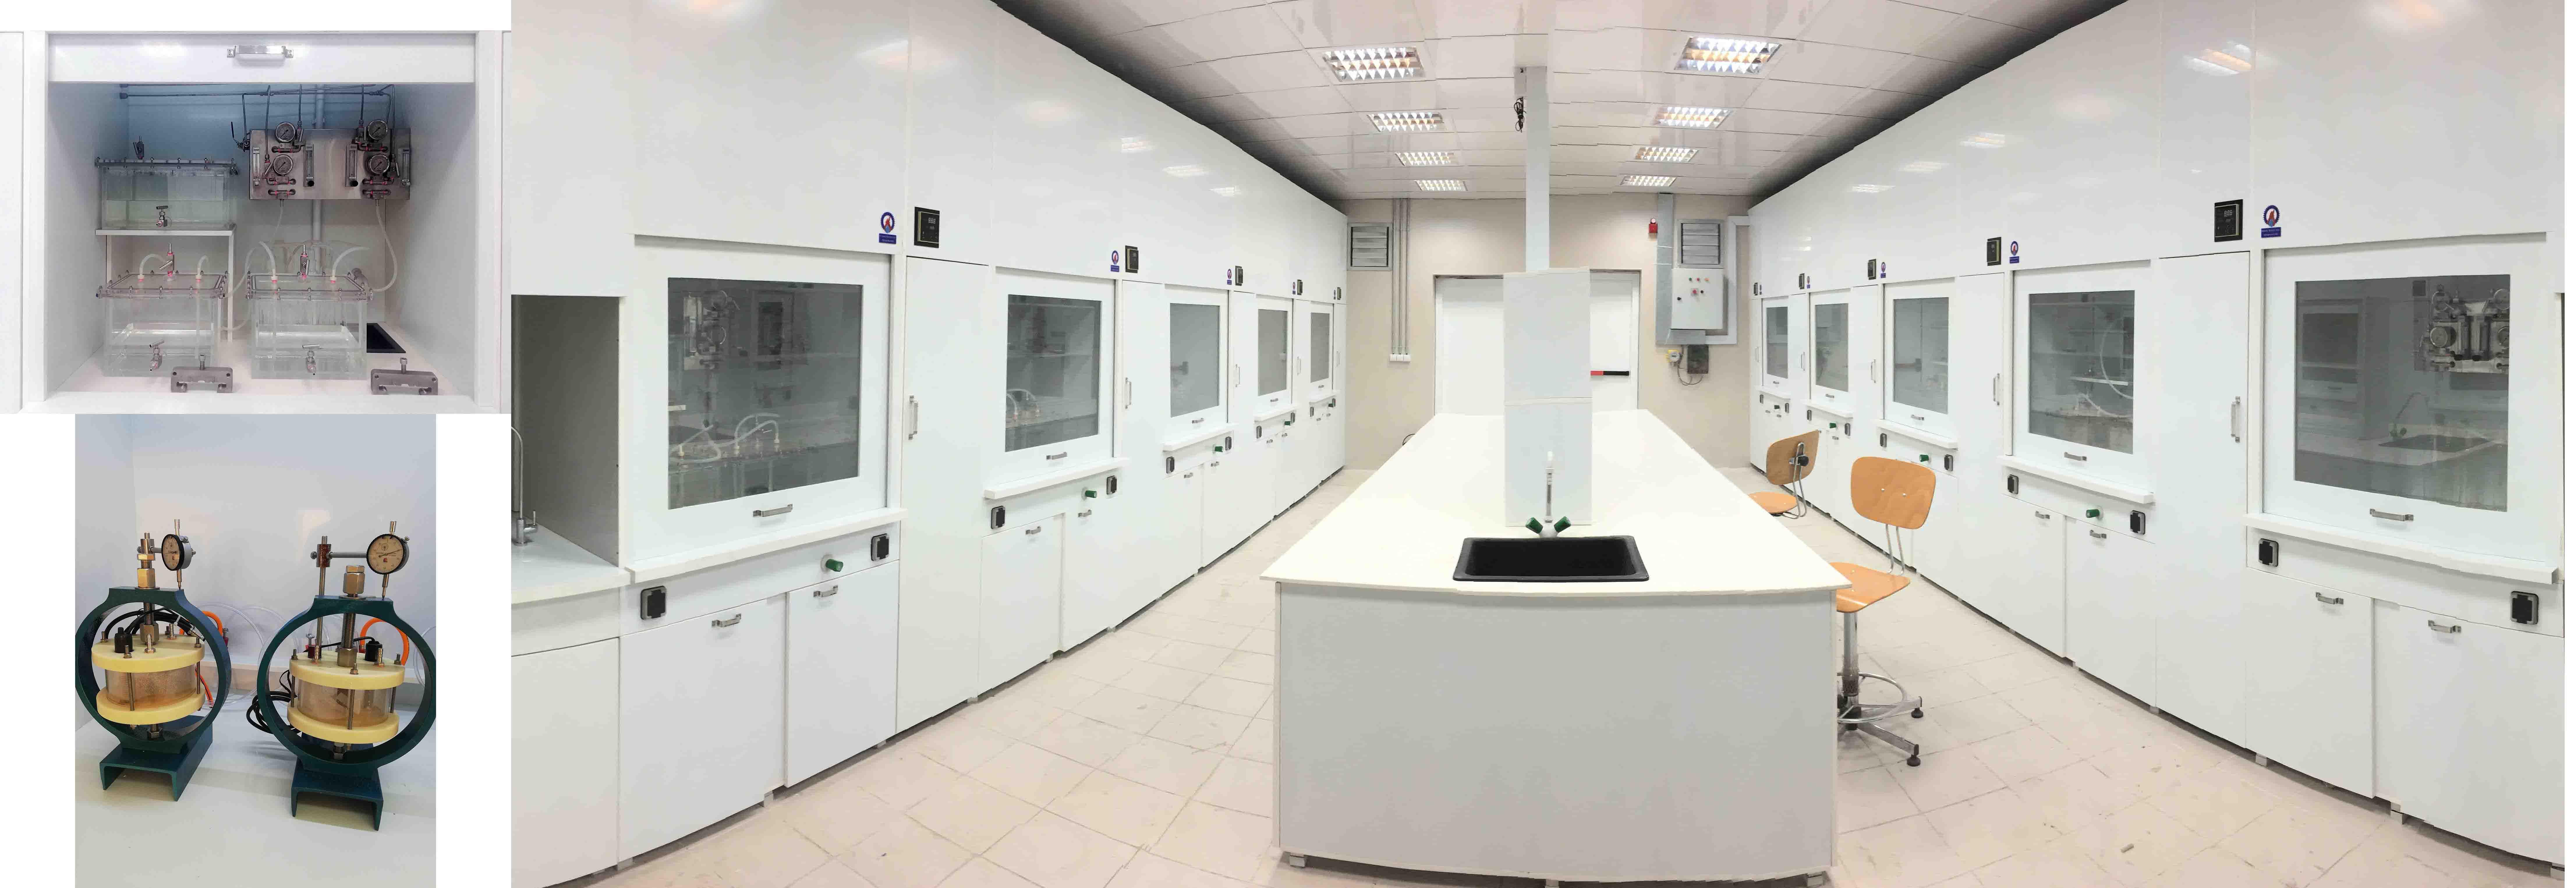 H2S Lab